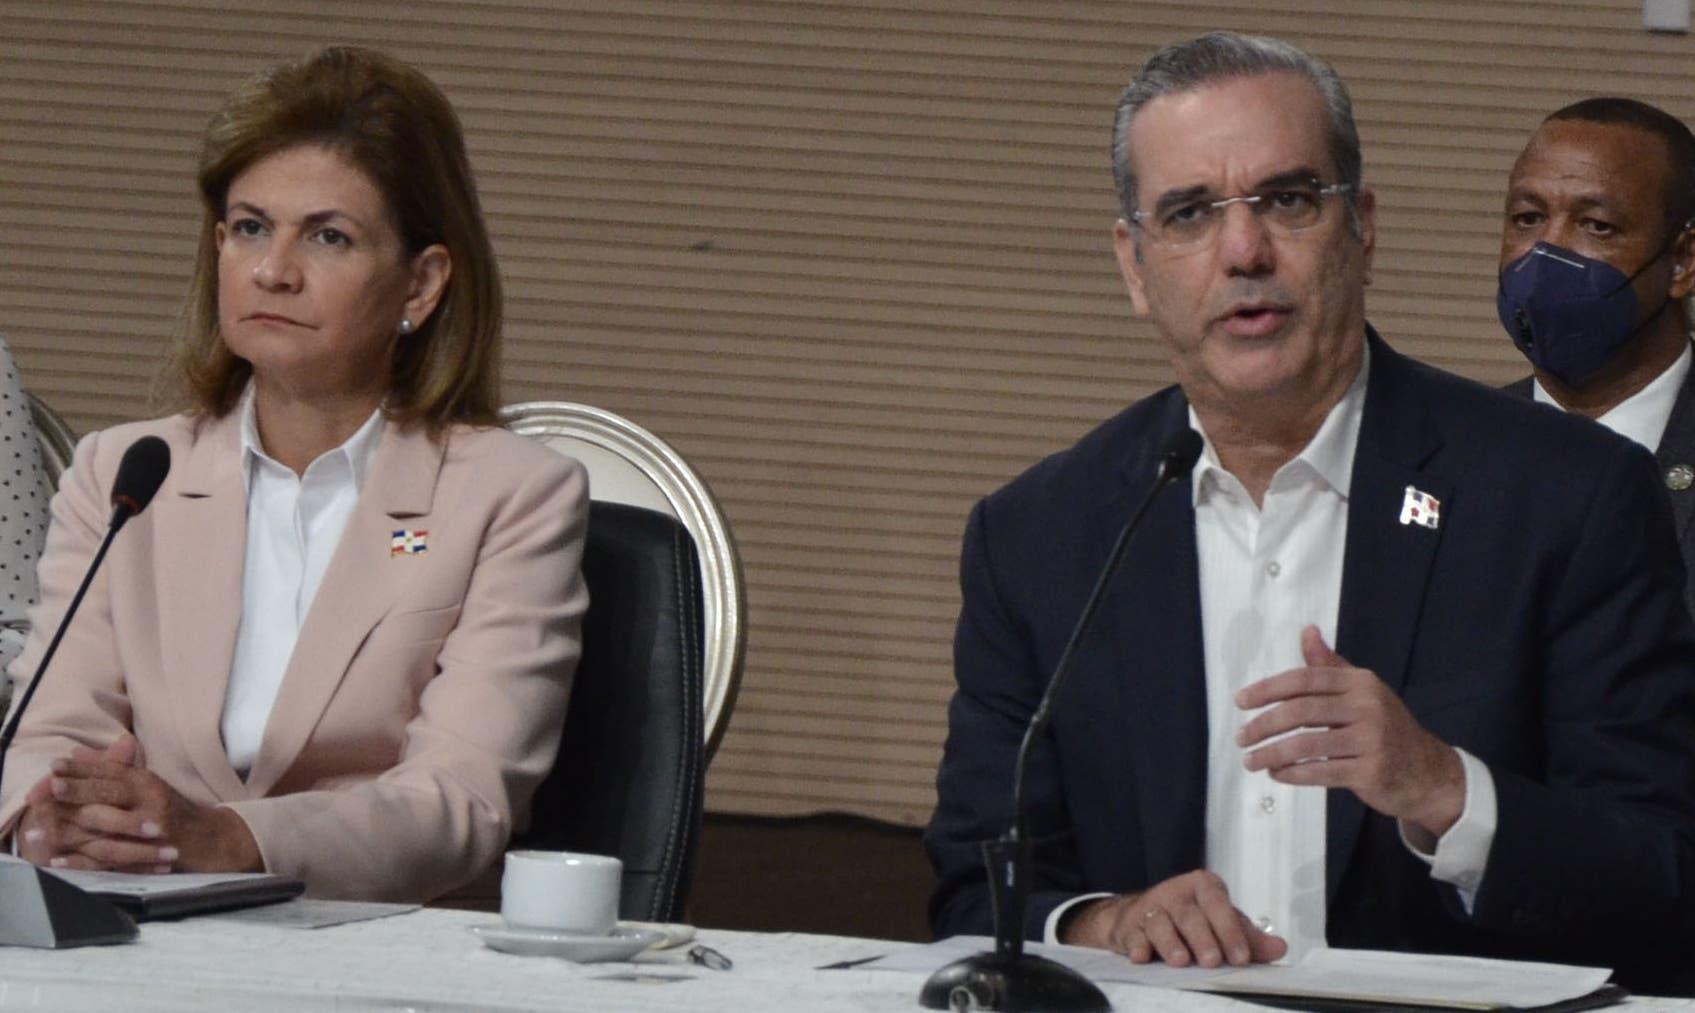 Ejecutivo plantea excluir procurador del CNM y designar jueces por 9 años